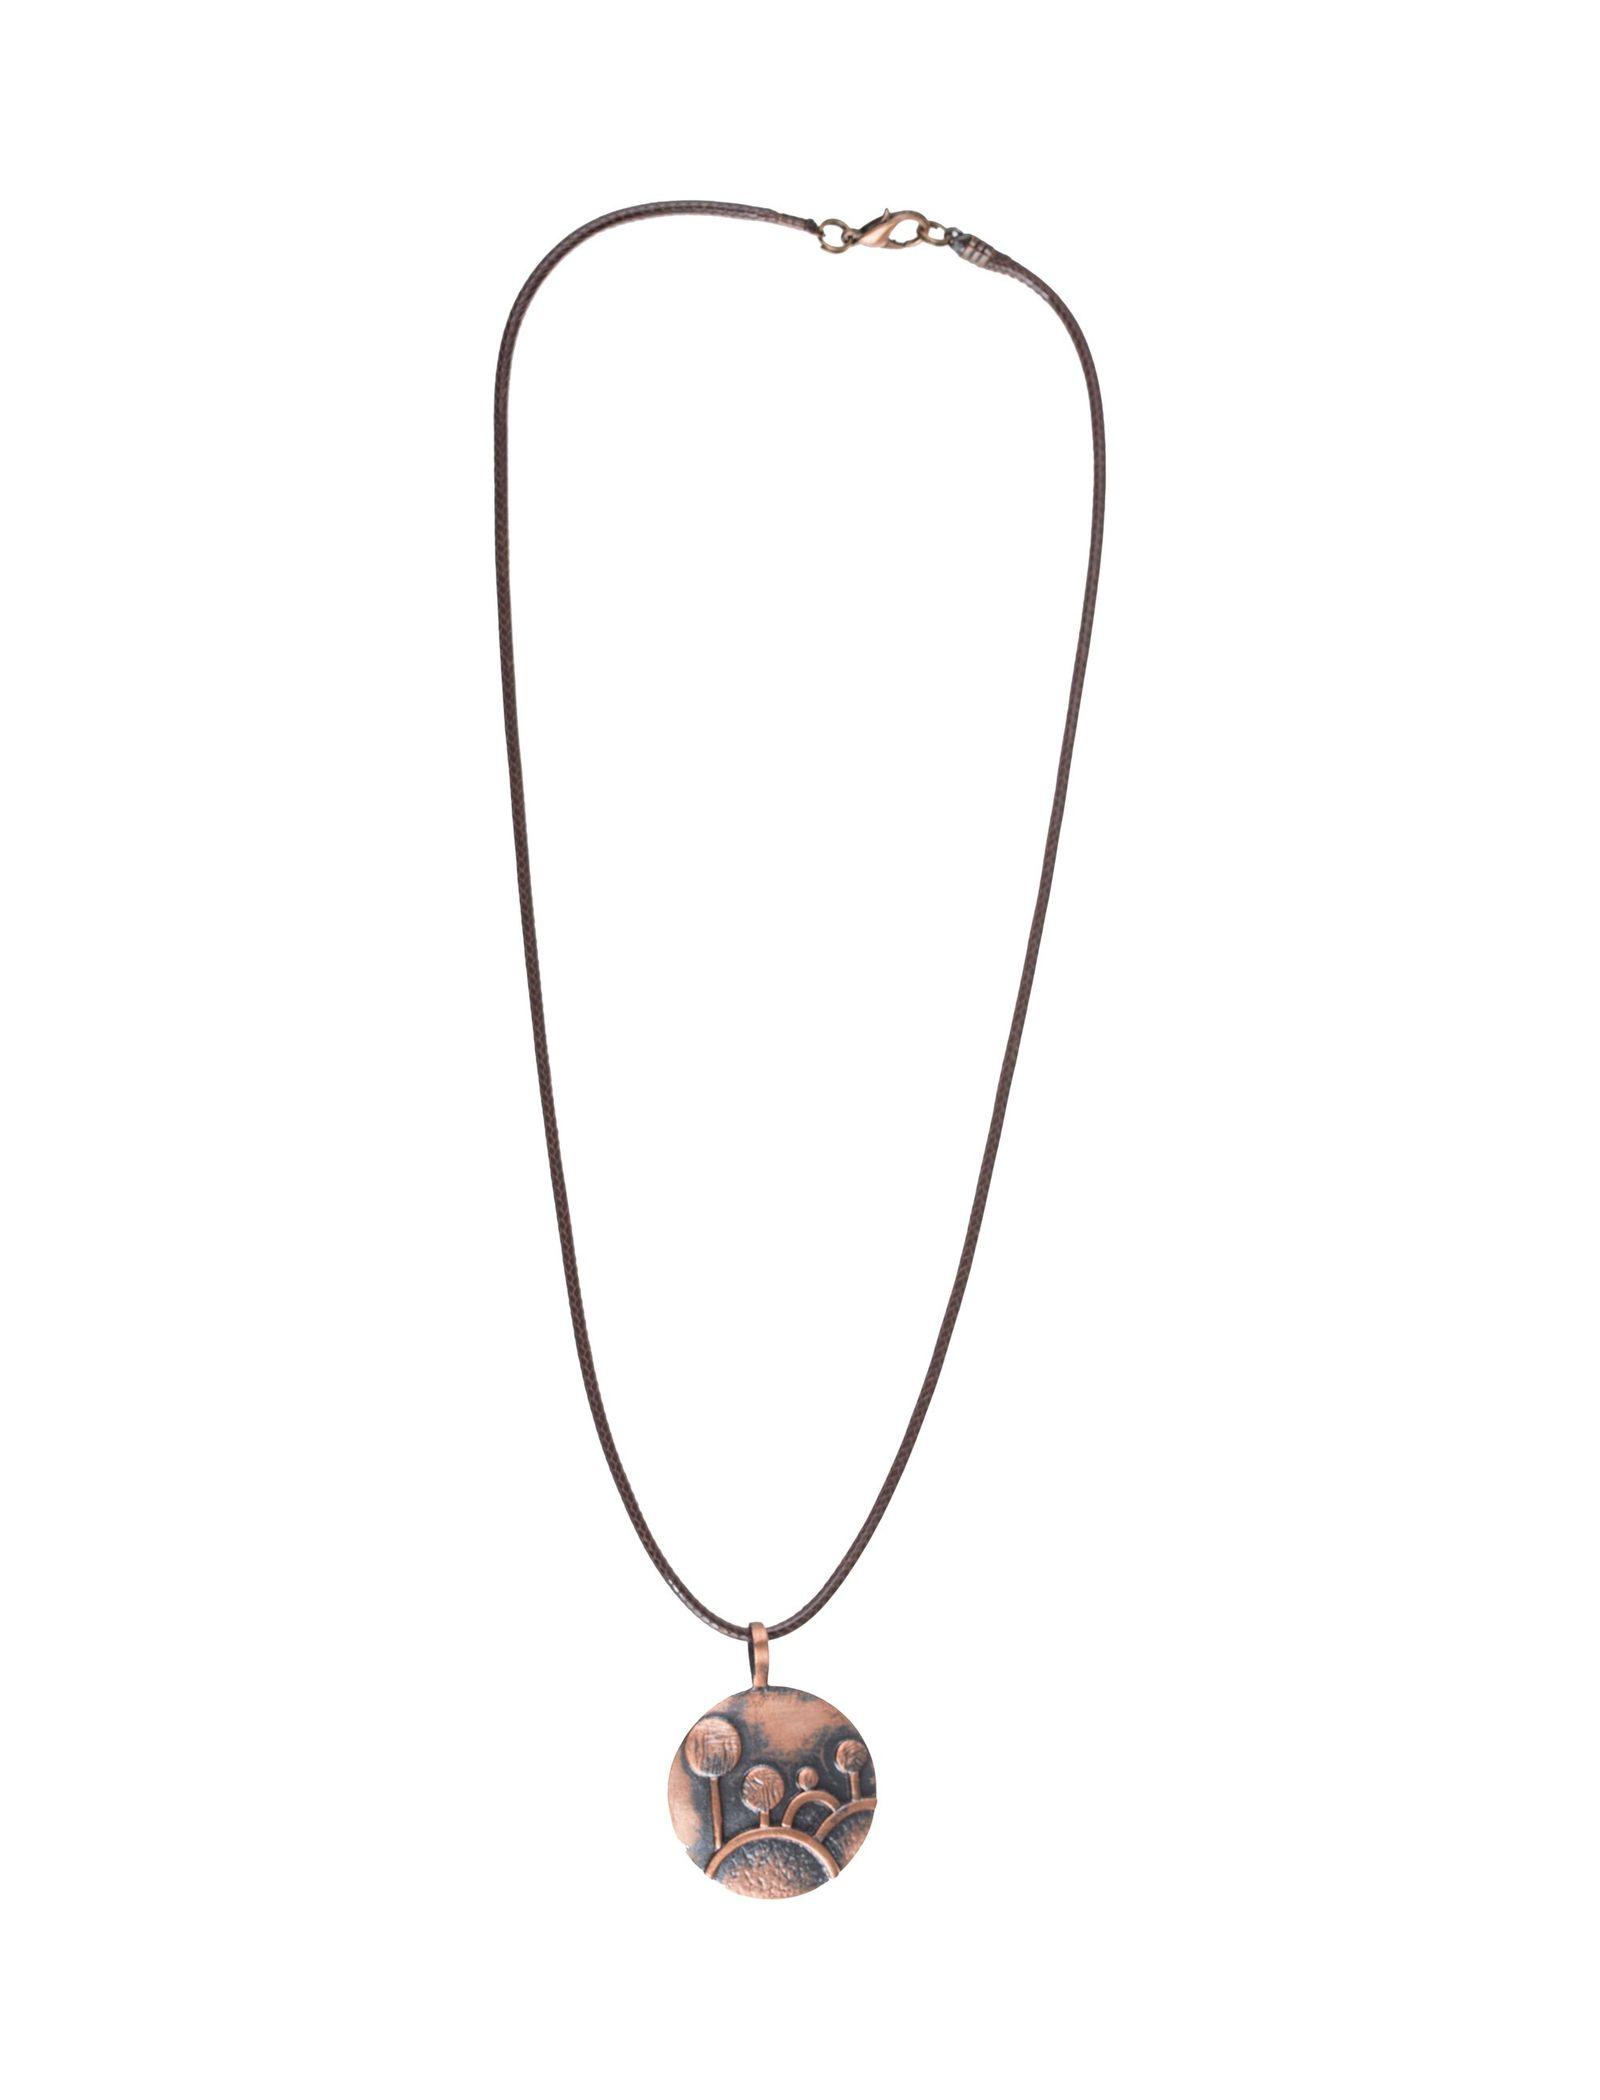 گردنبند آویز زنانه - زرمس تک سایز - قهوهاي - 1